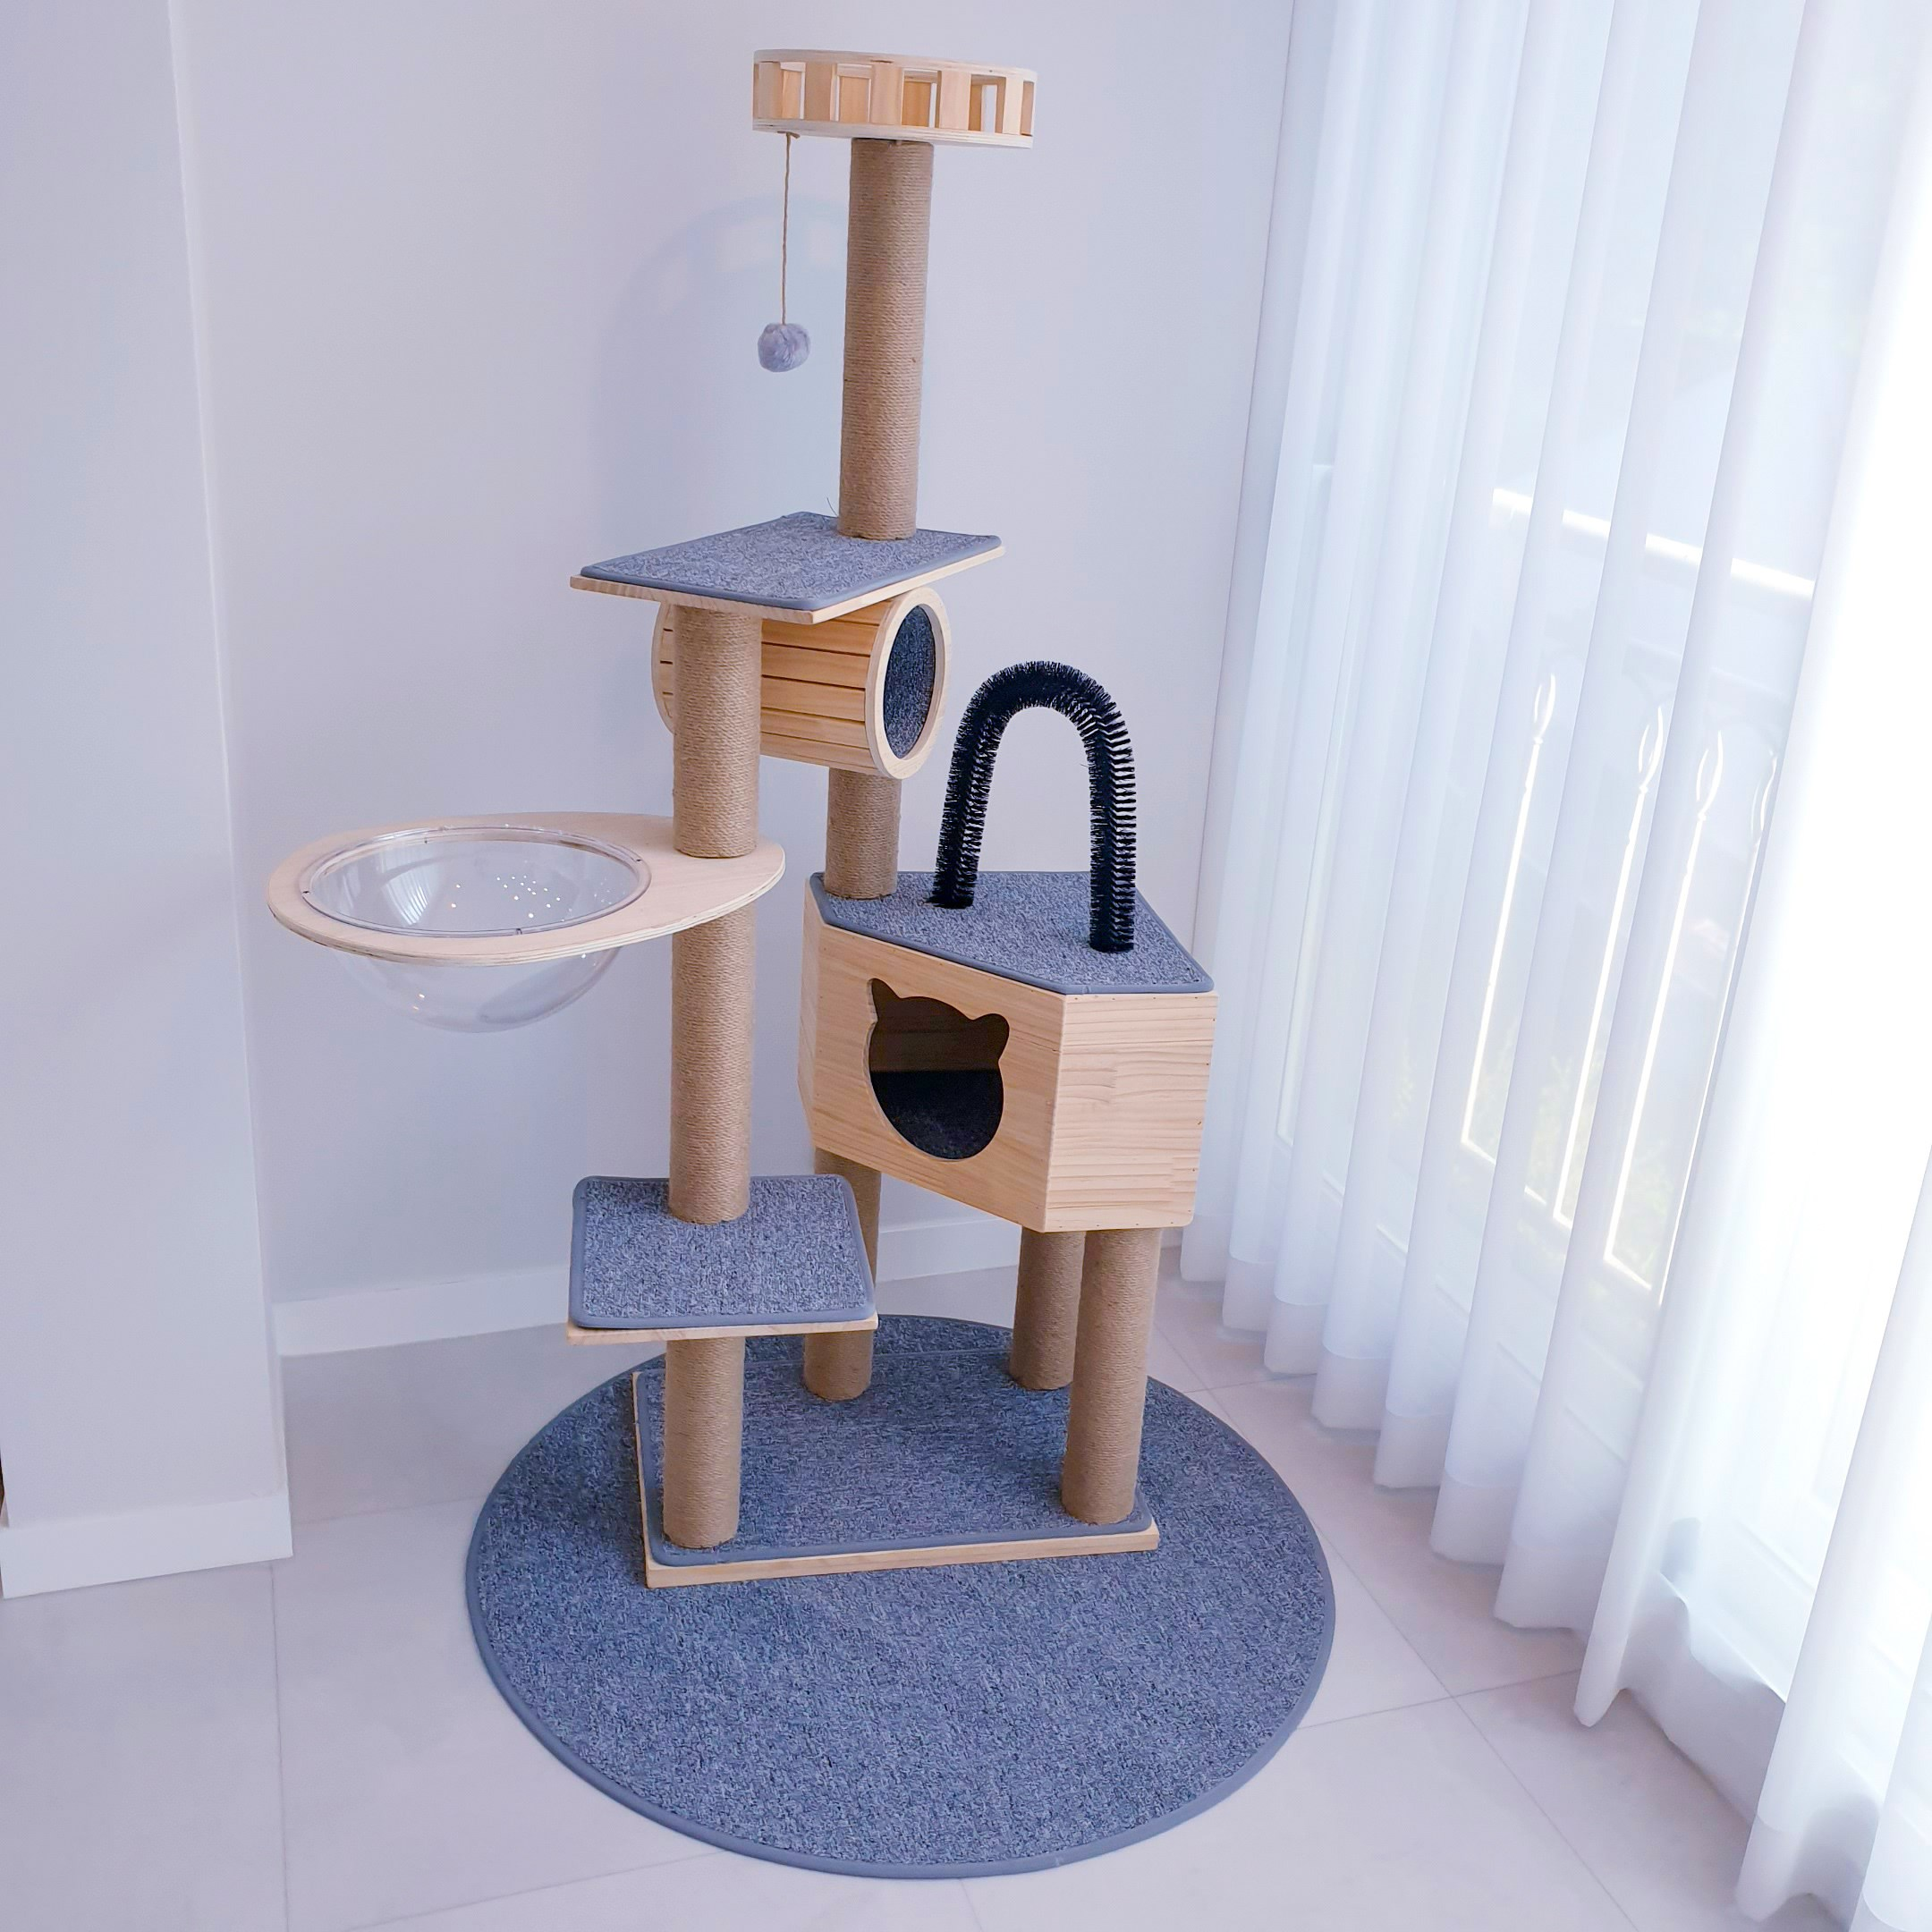 우주선 캣타워 원목 우주캡슐 투명 해먹 DIY 공간박스 운동기구 캣폴, 1set, 노말컬러